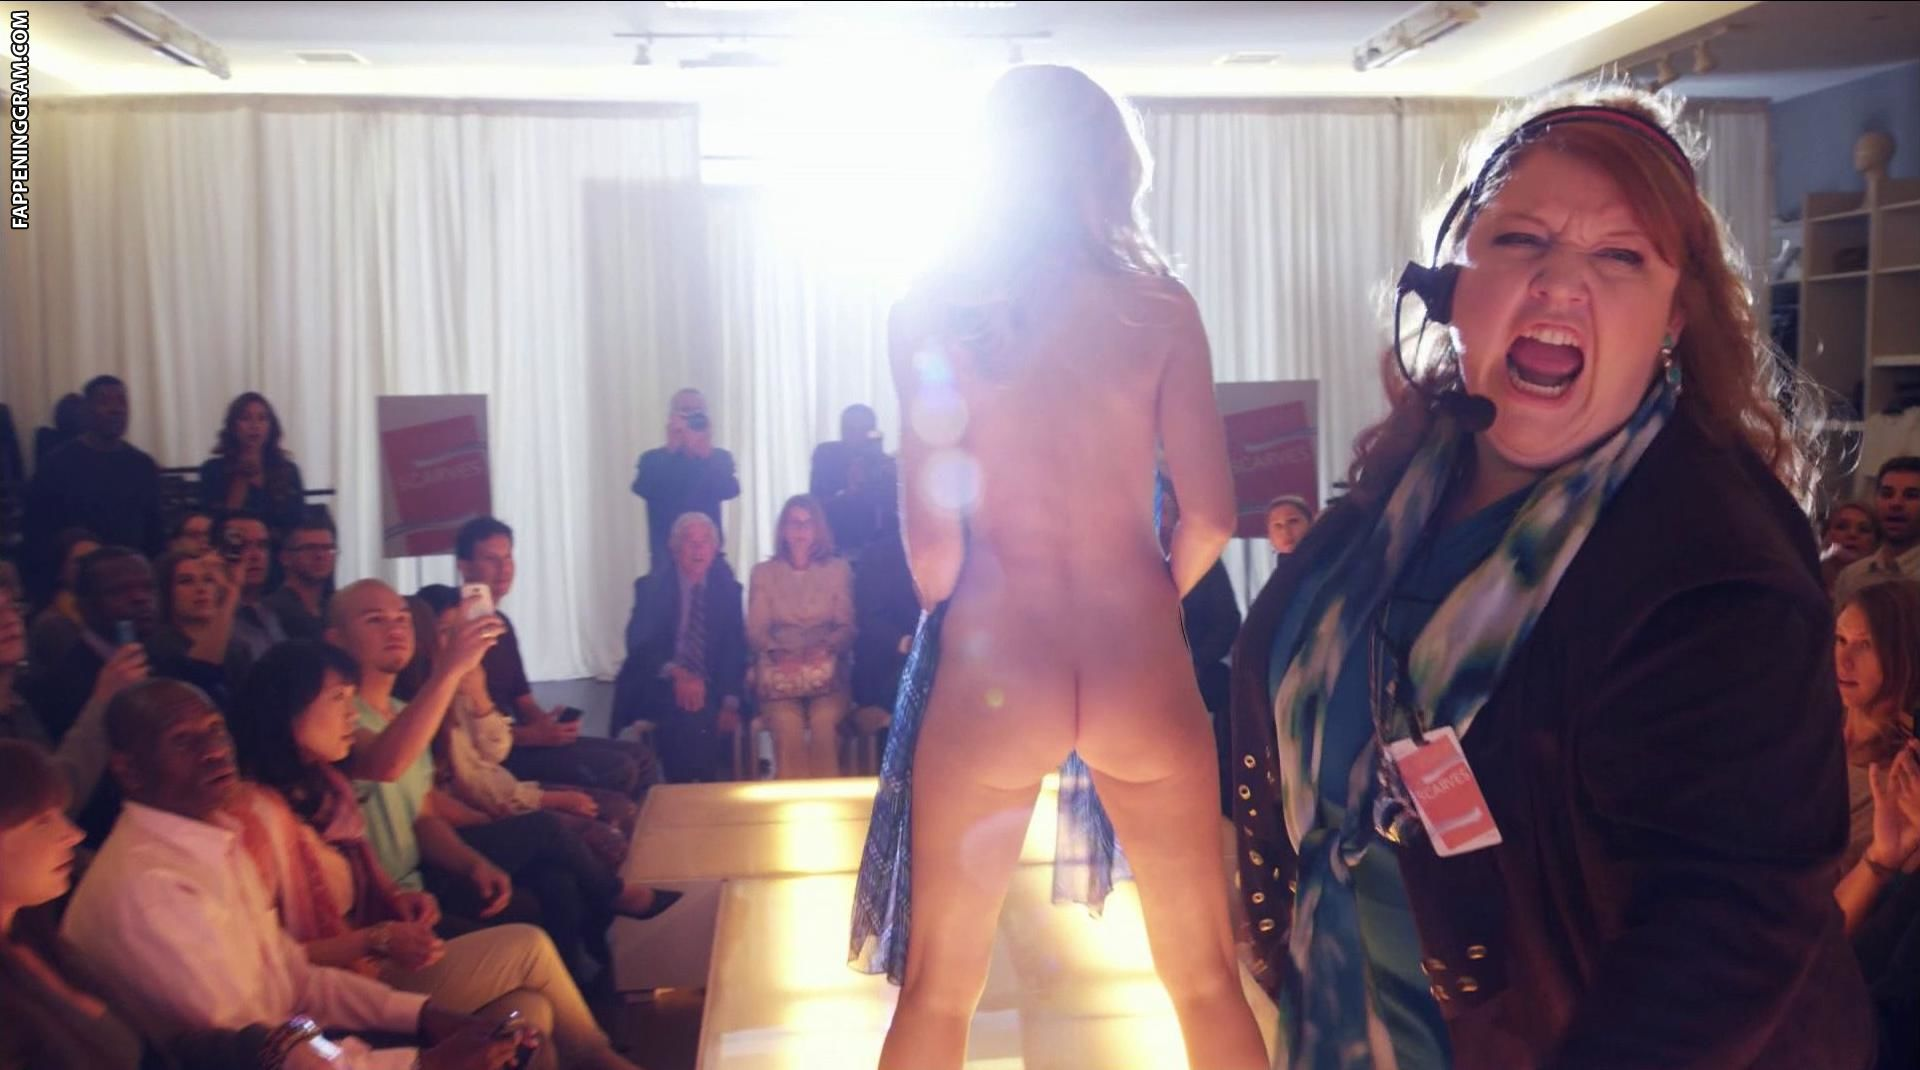 Leslie Bibbs Naked In The League